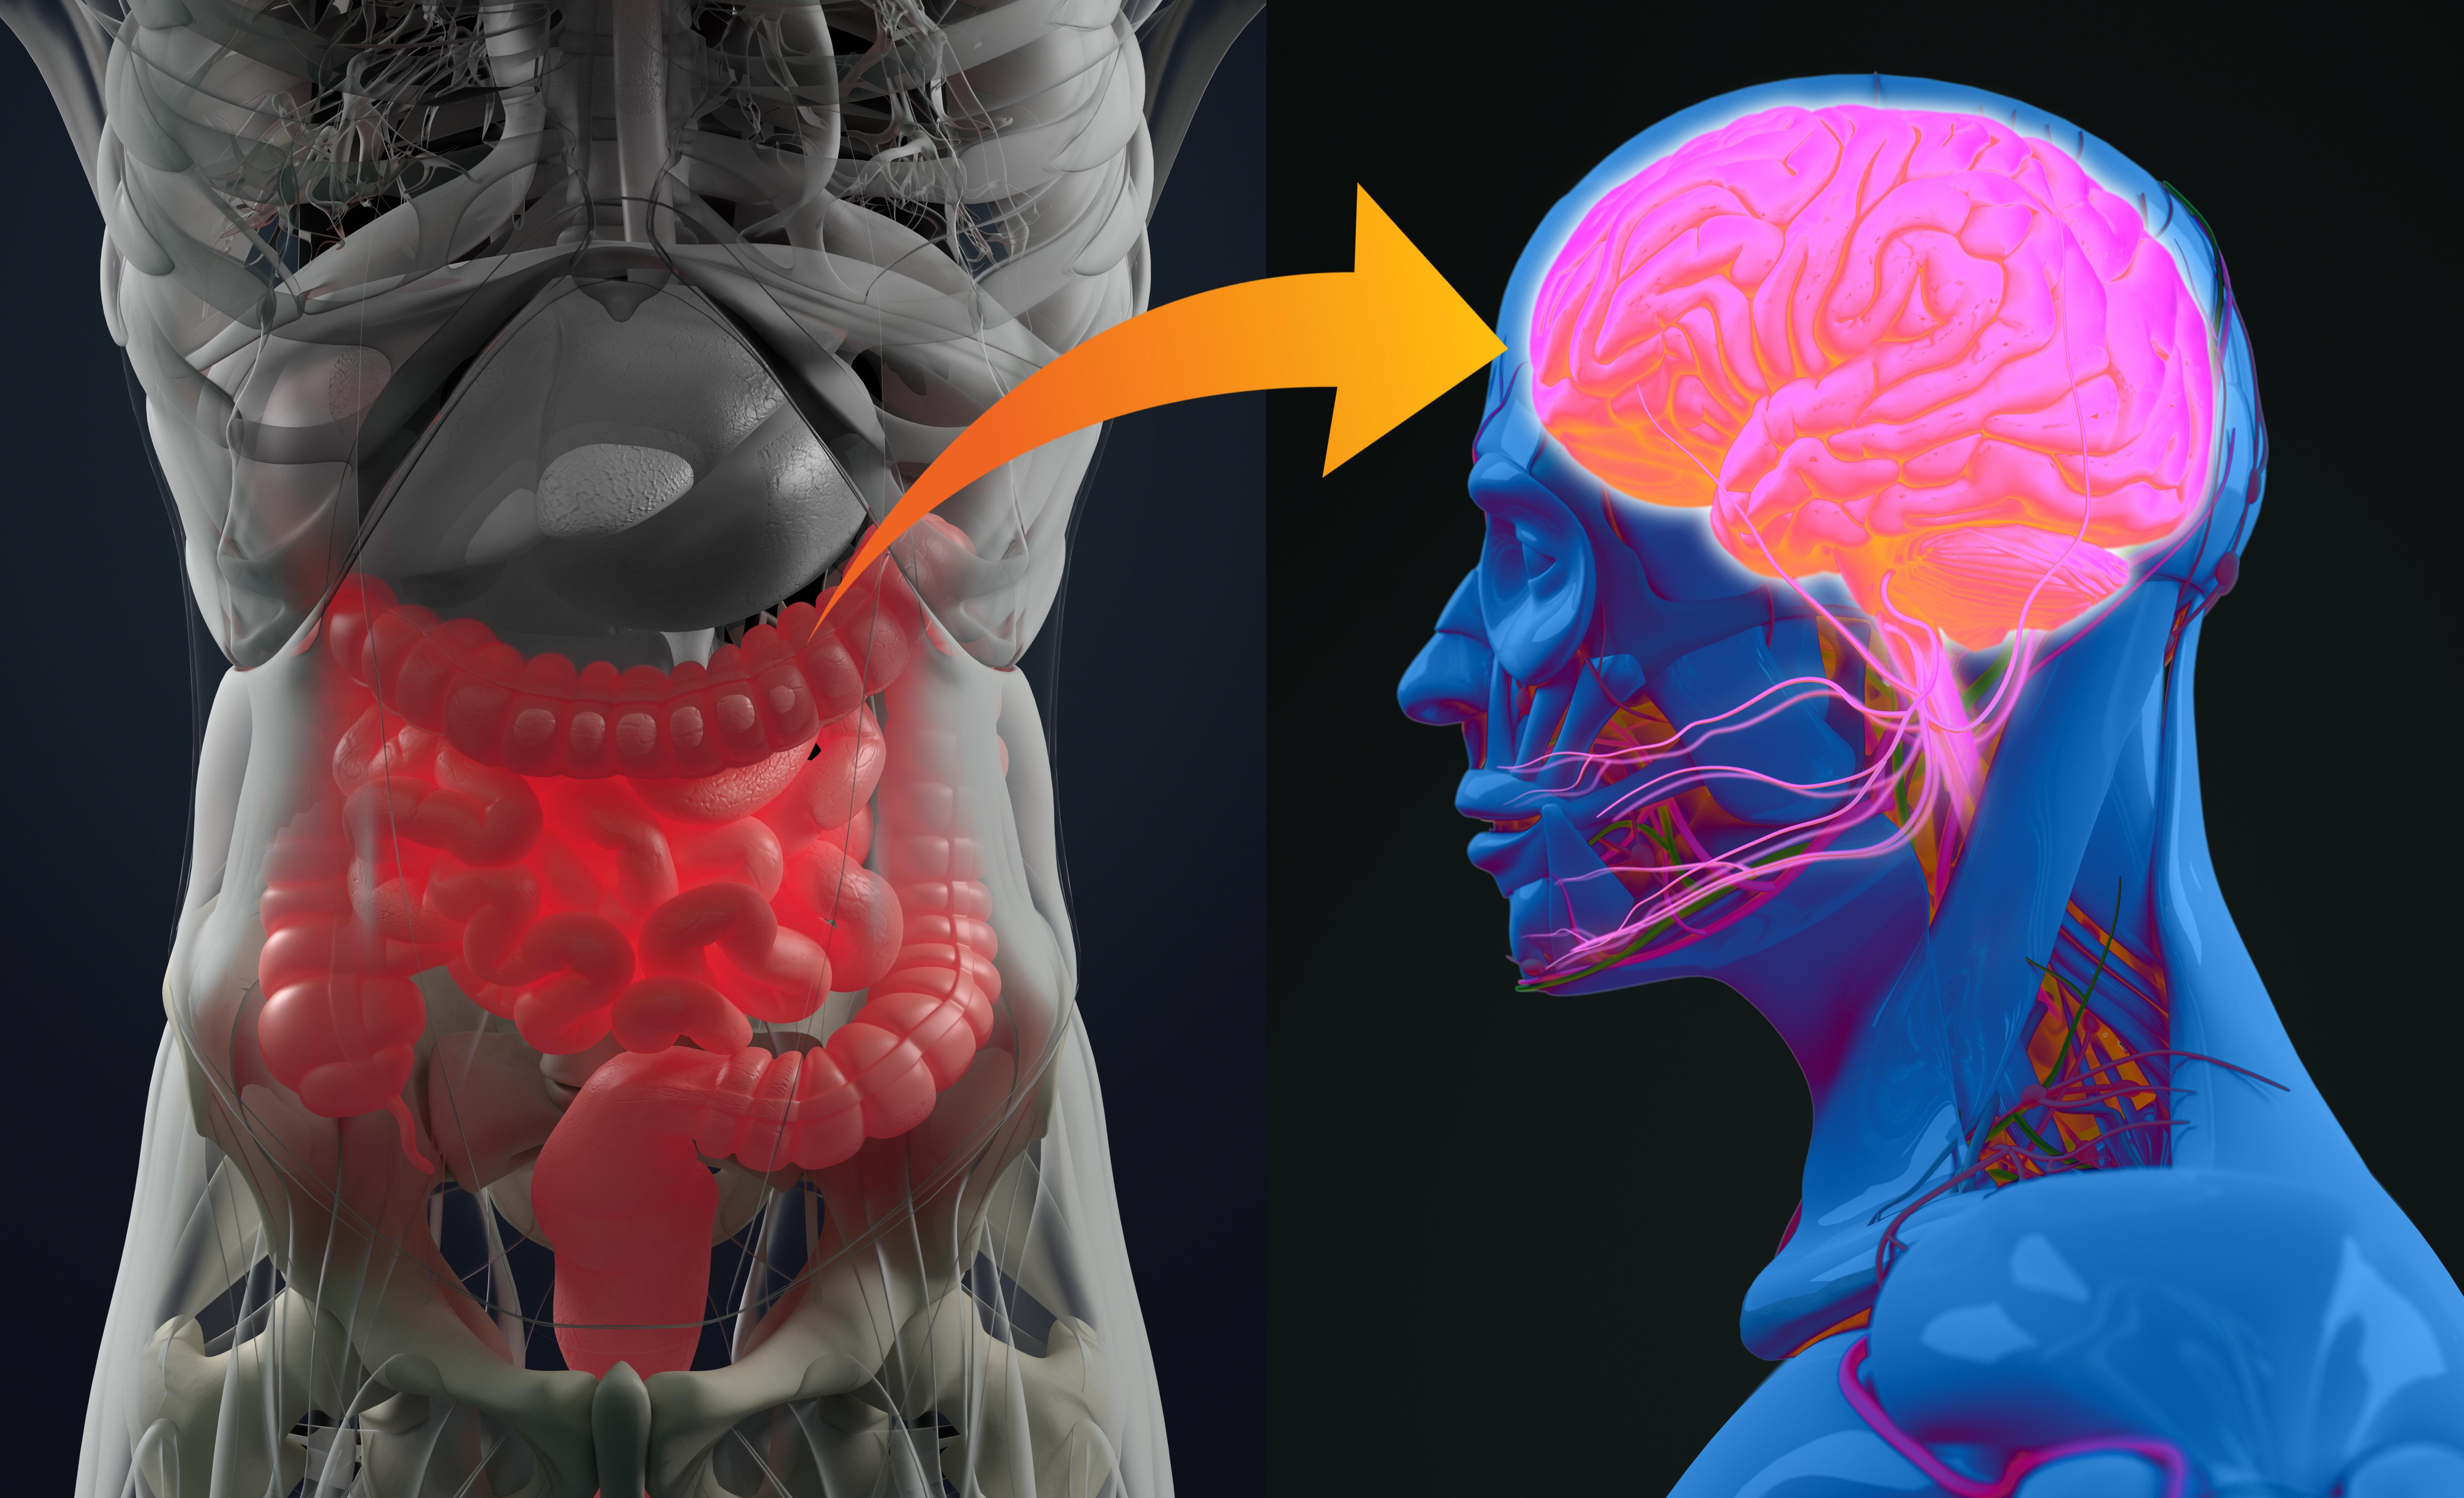 Om tarmfloran inte längre fungerar som den ska kallas det Dysbios. Dysbios har kopplats till sjukdomar som IBS, allergi, fetma, diabetes, depression, autism med mera.